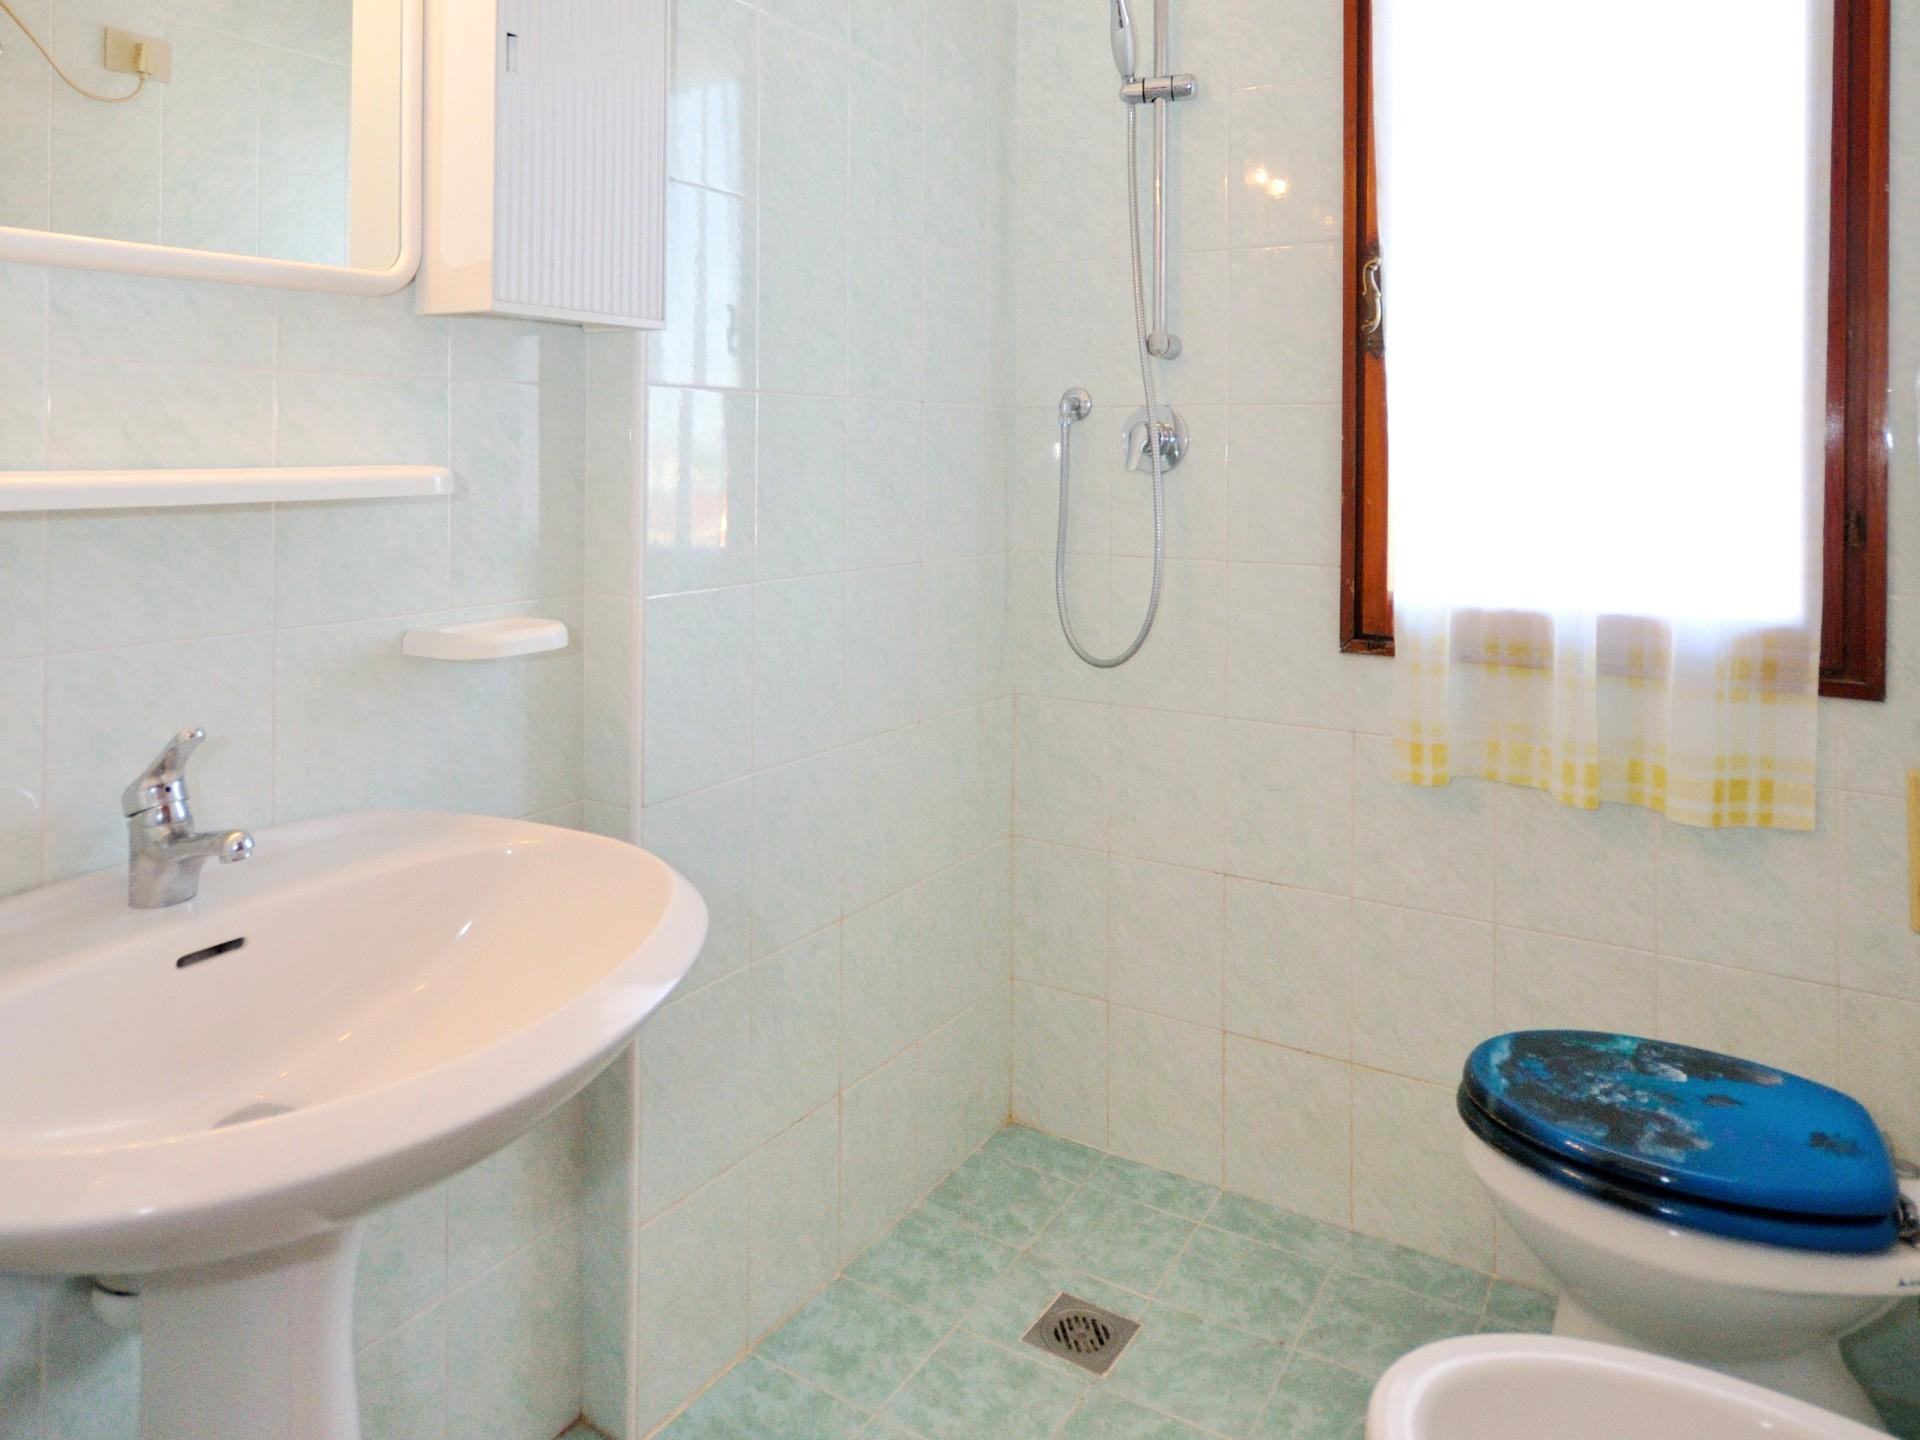 Residence malta bibione lido dei pini azzurro opravdov specialista na dovolenou v it lii - Malta a novembre bagno ...